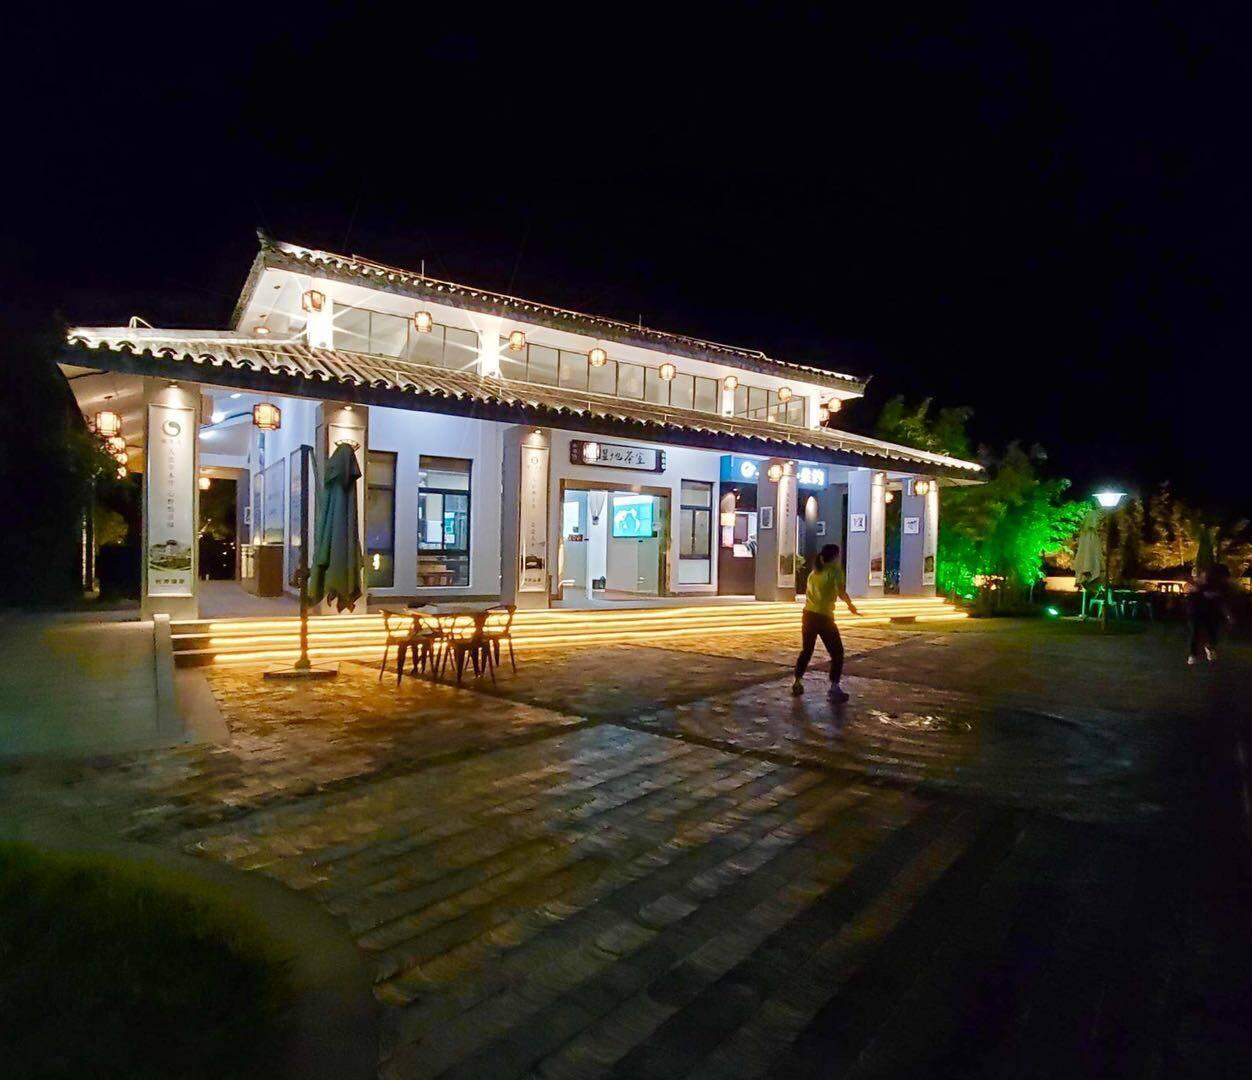 【国庆游】夜游长沙松雅湖,欣赏美景